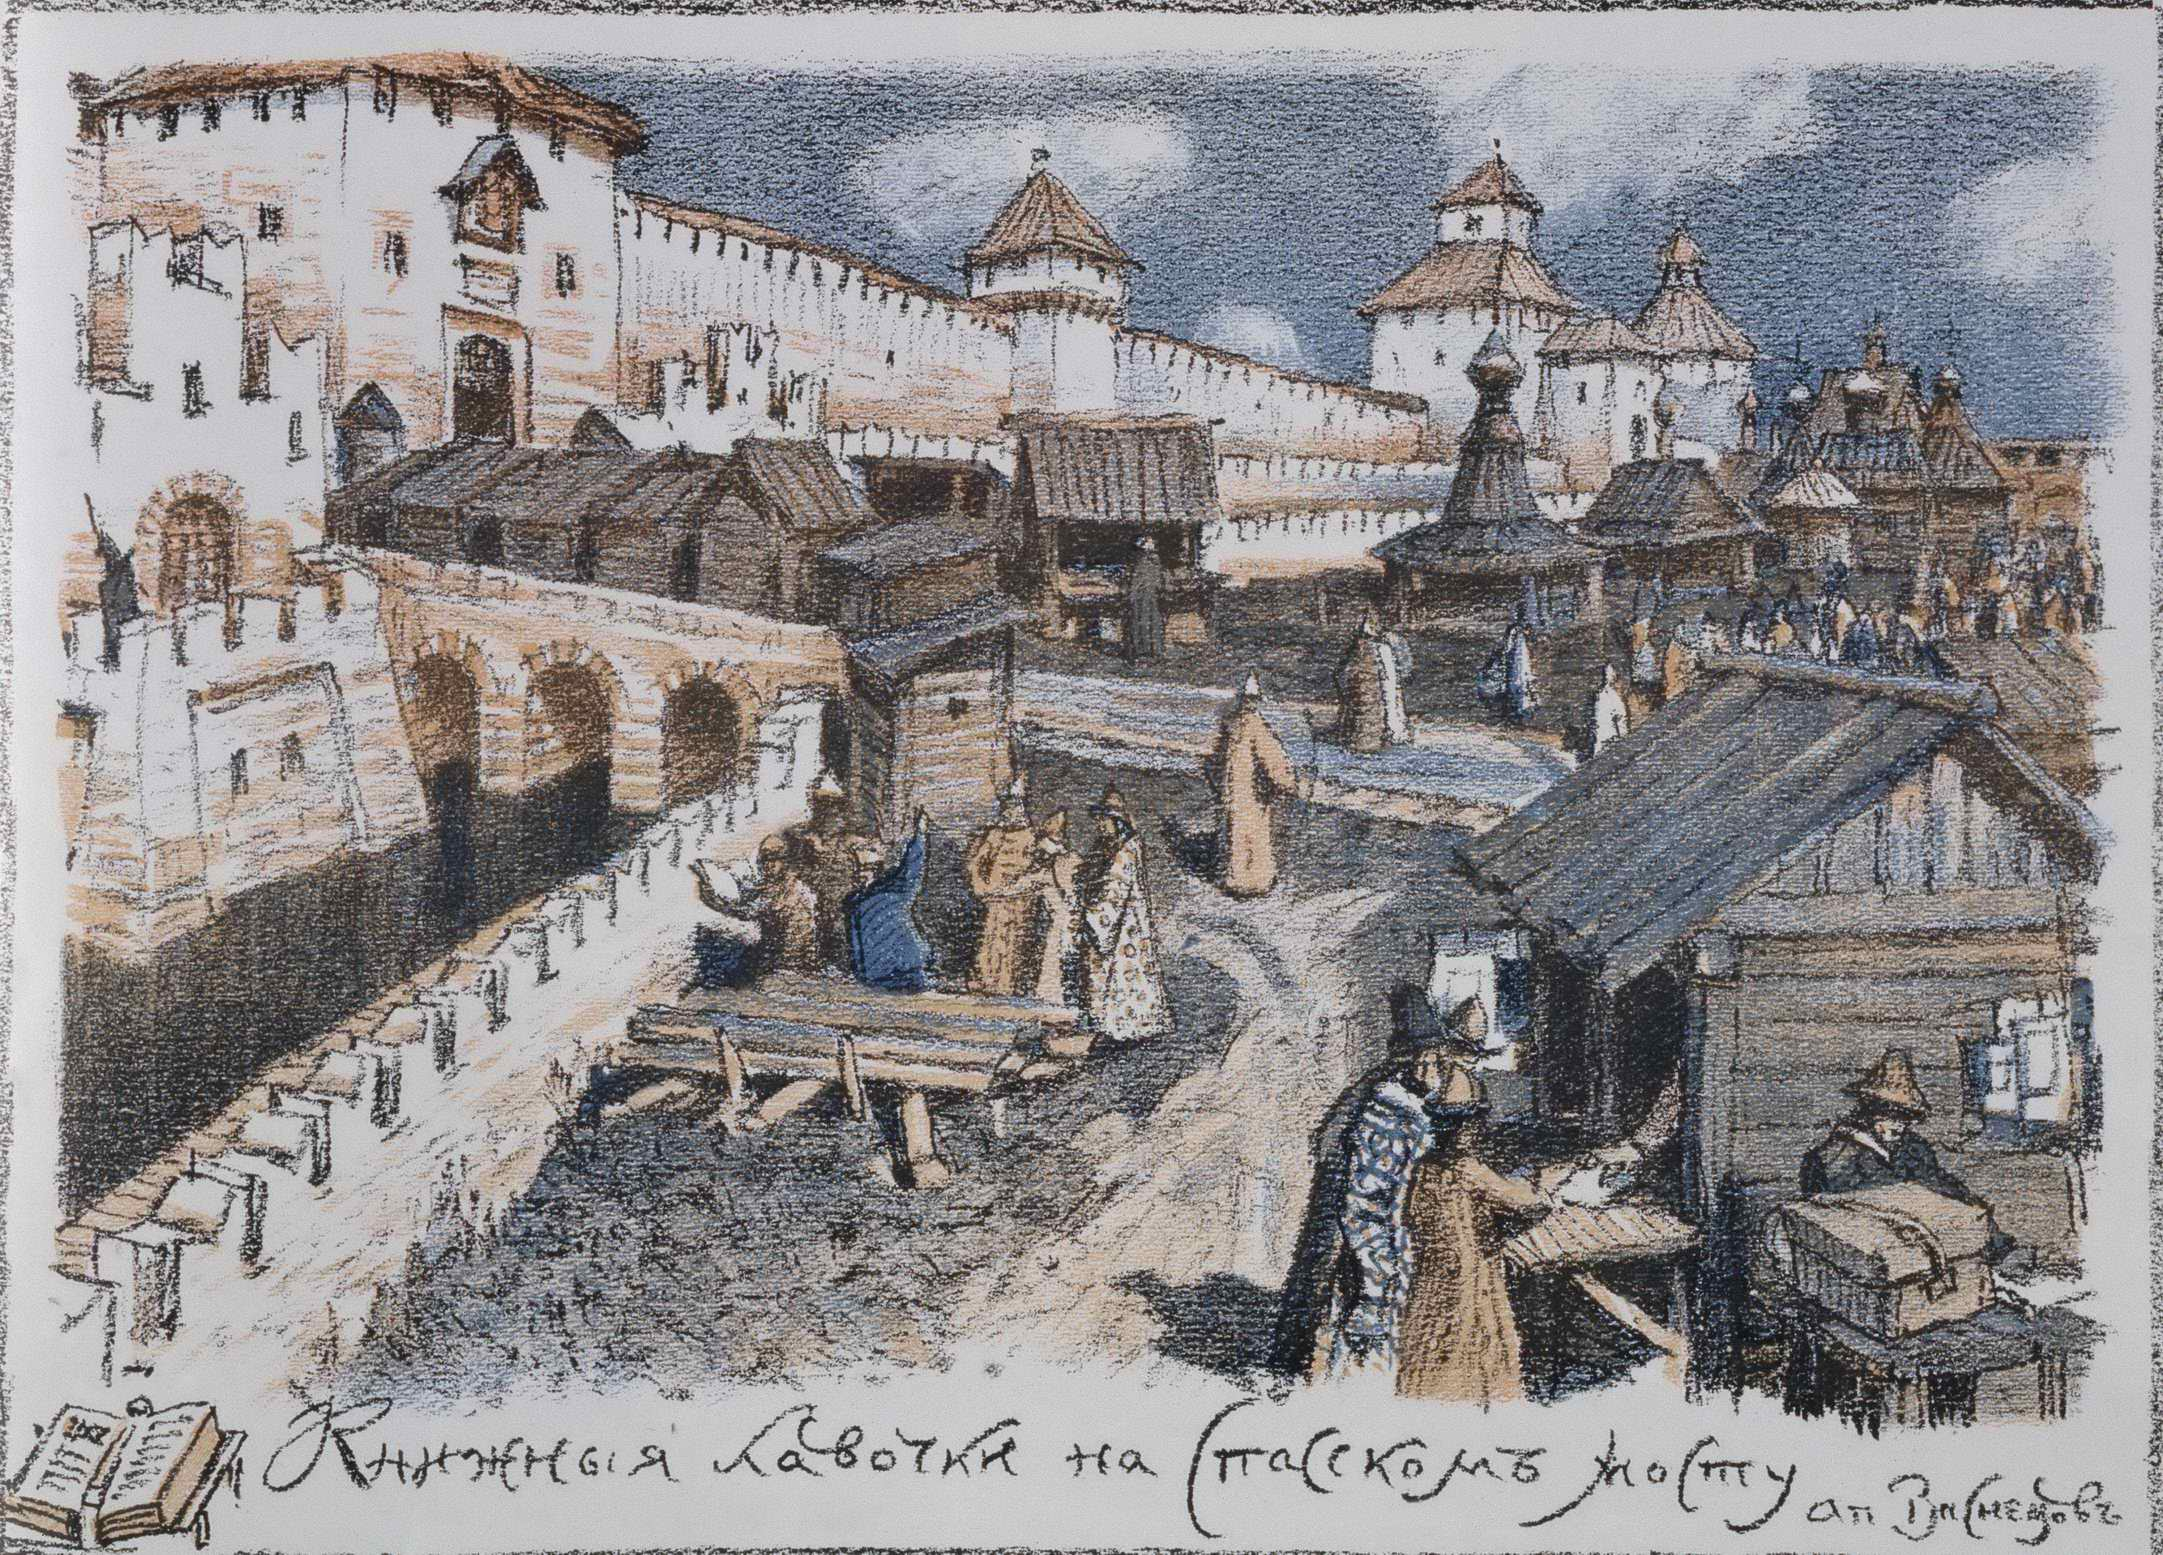 Васнецов А.М. - Книжные лавочки на Спасском мосту